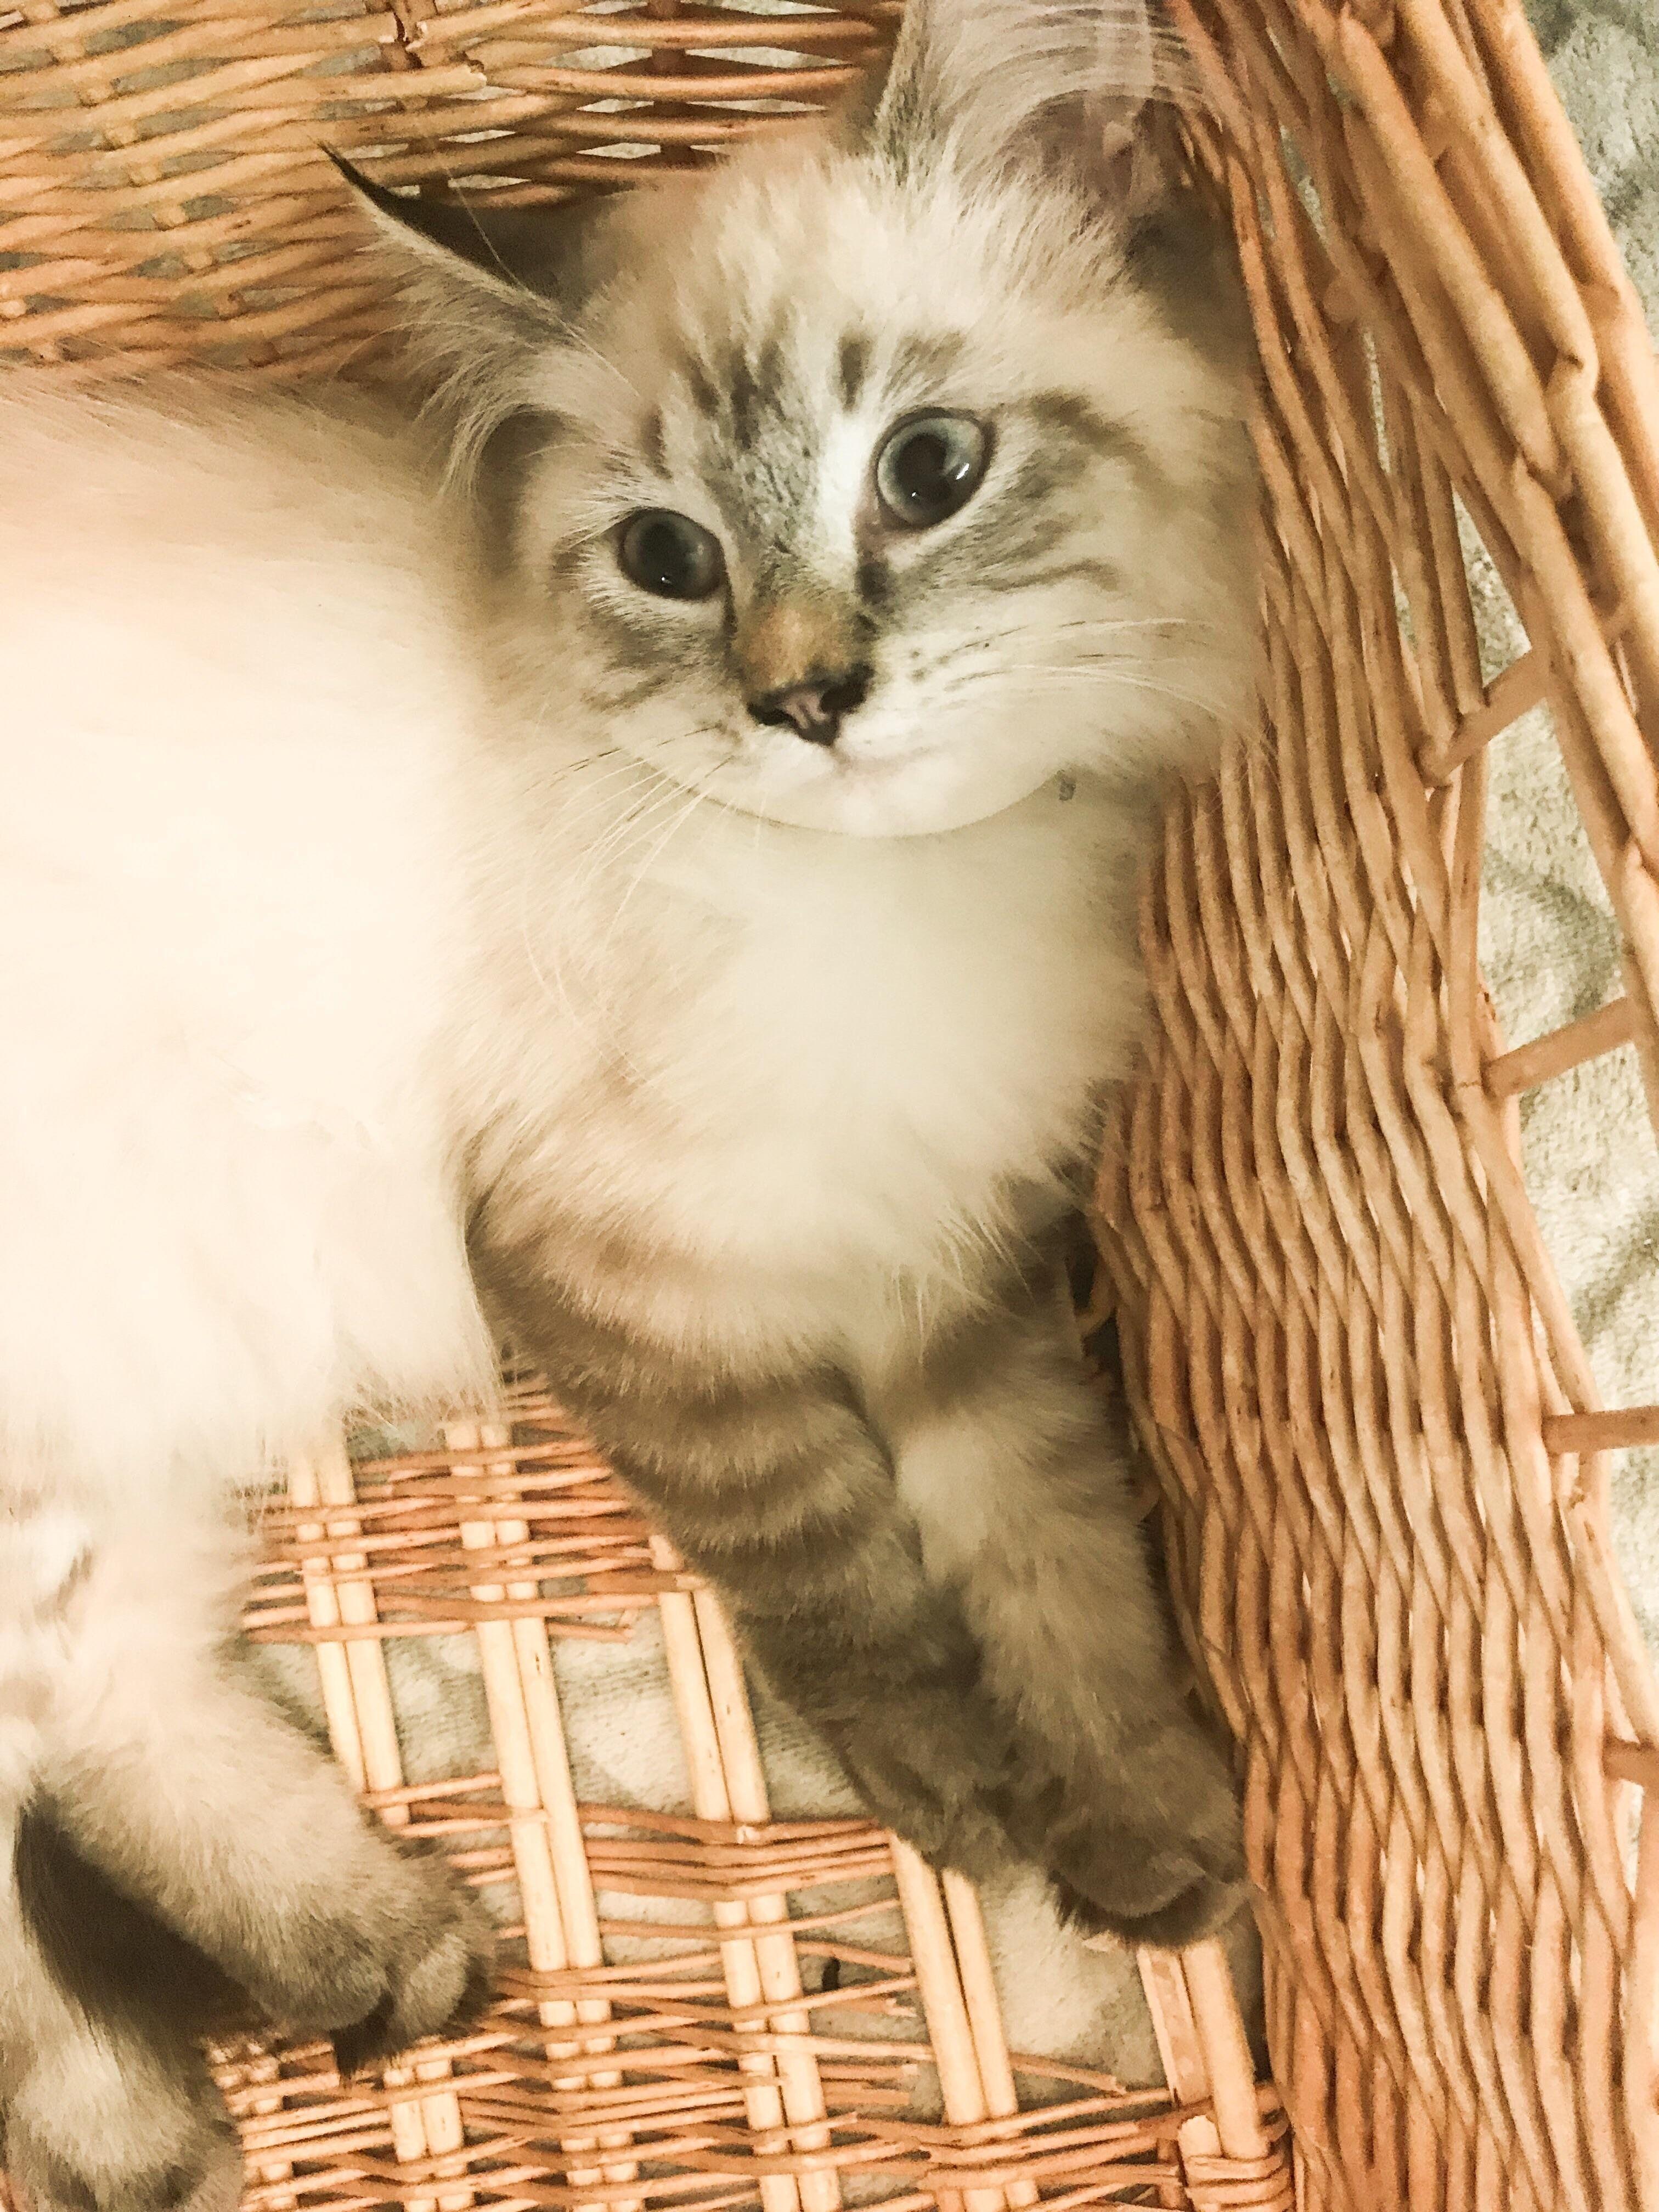 Kite The Ragdoll Kitten Pretty Cats Cute Animals Kittens Cutest